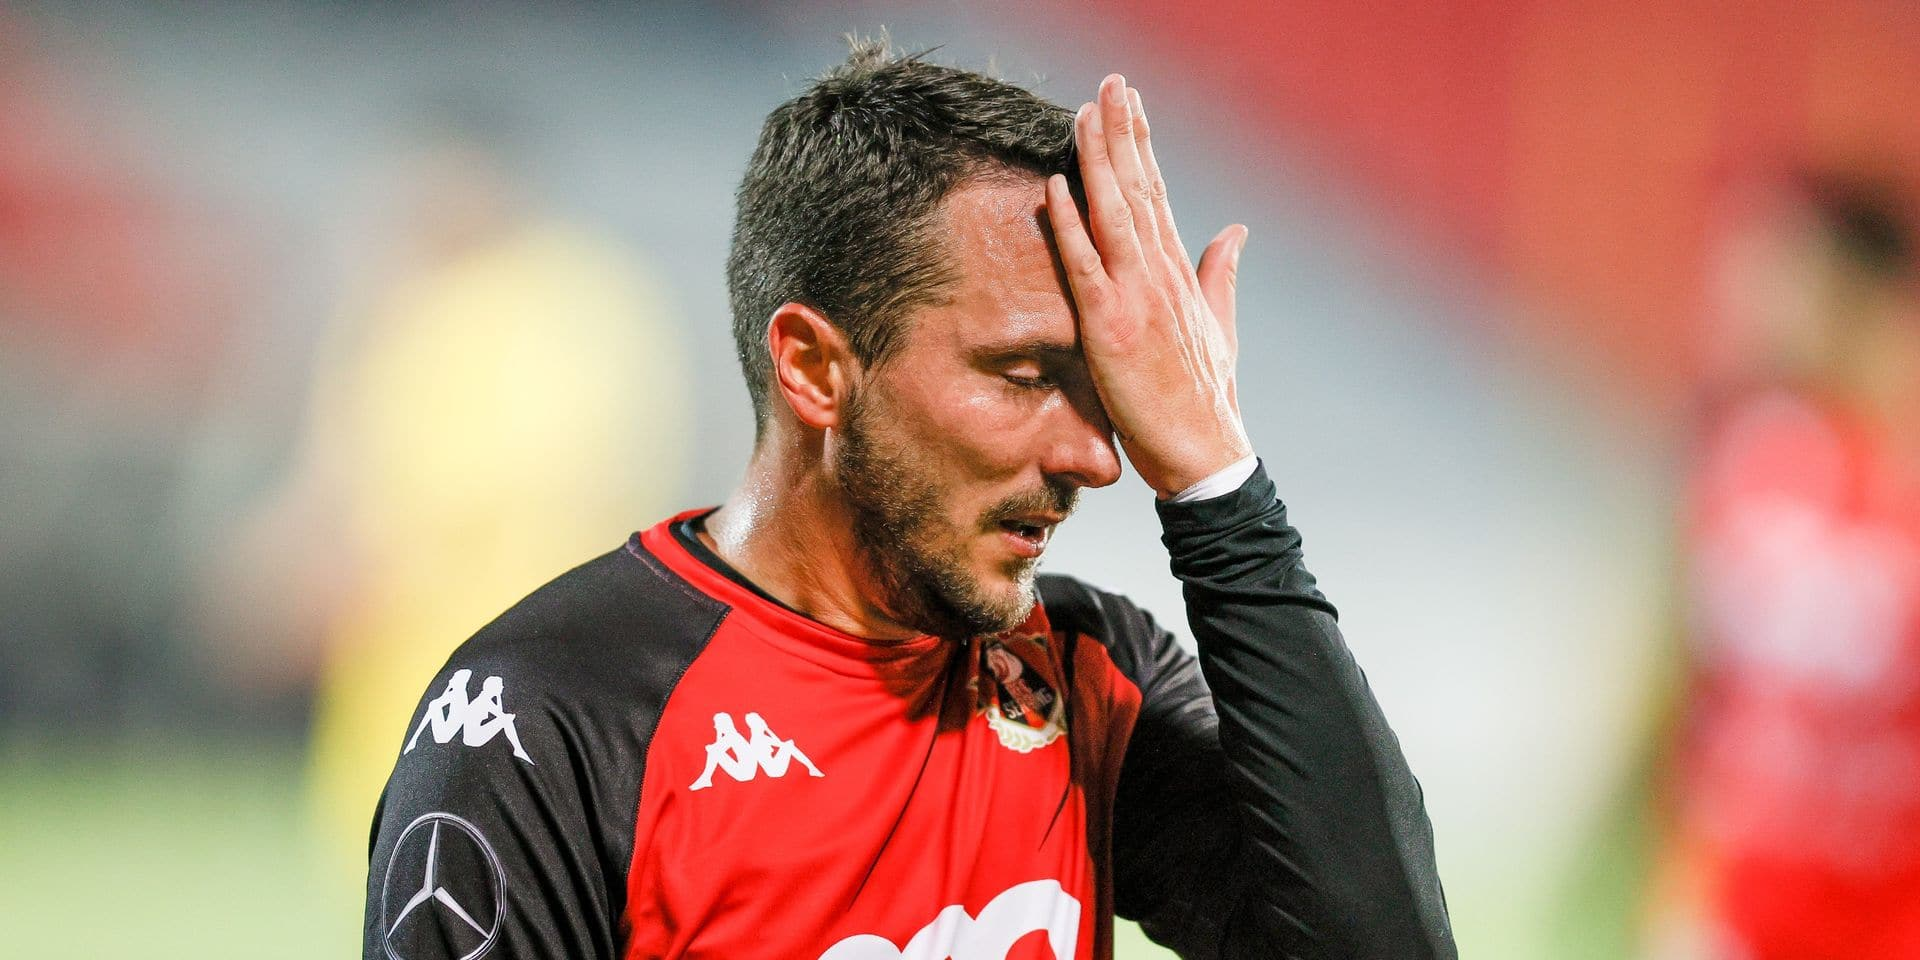 Le Parquet de l'Union belge va poursuivre Danijel Milicevic